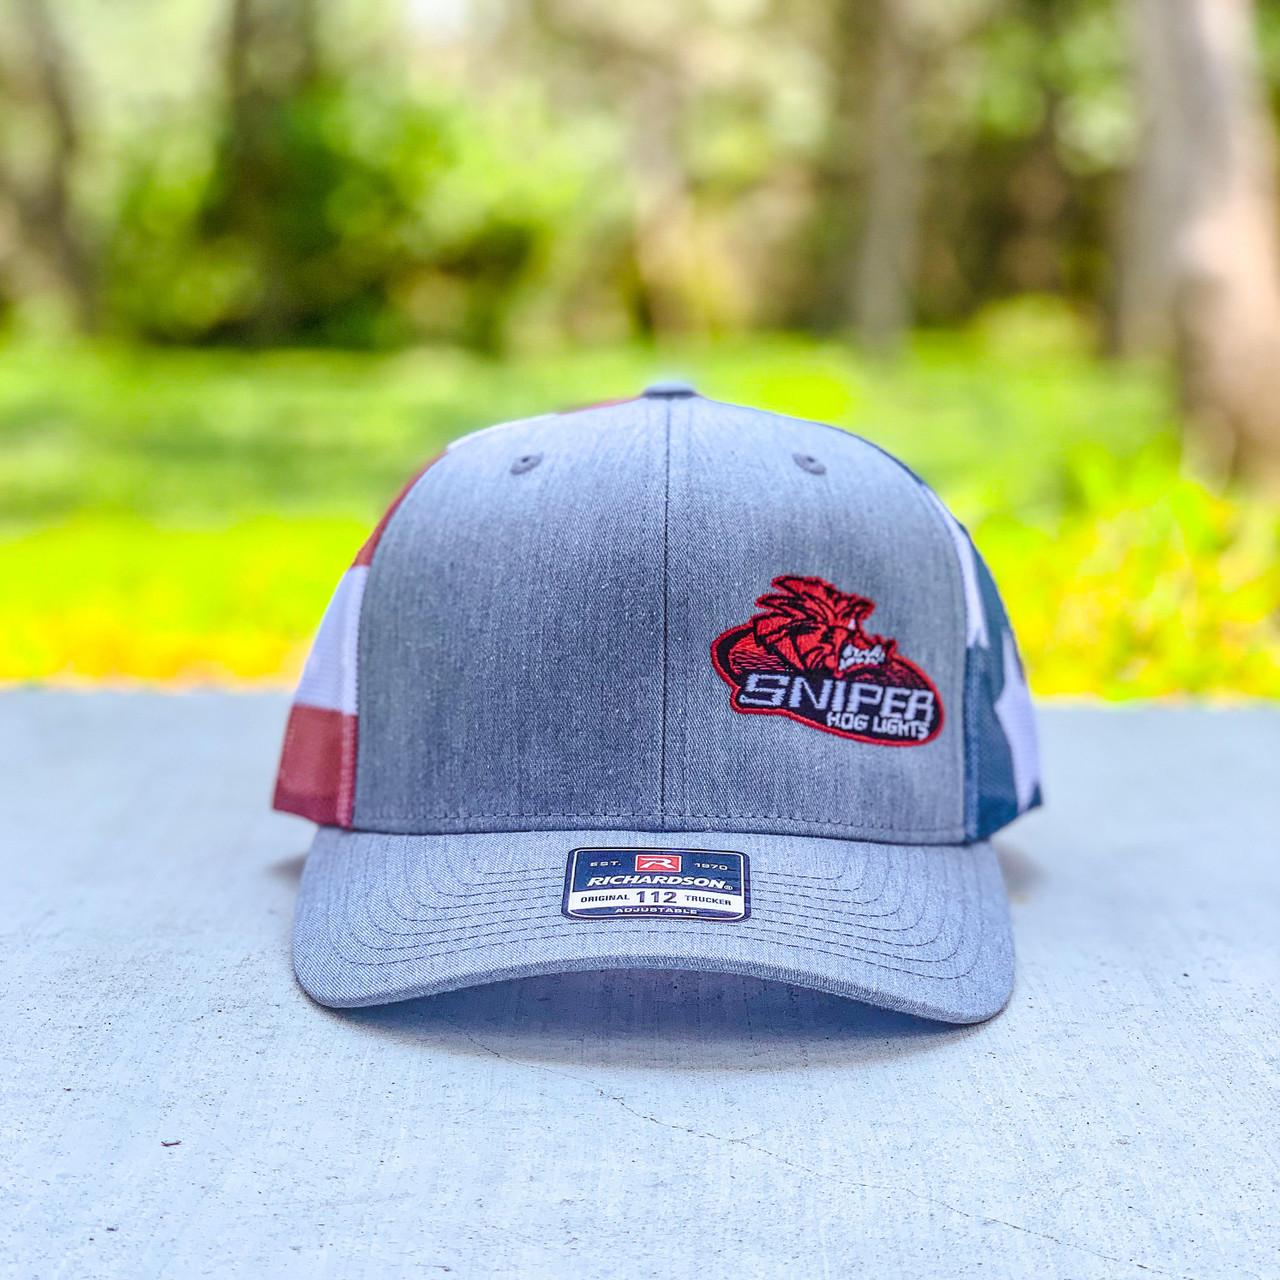 Sniper Hog Lights USA Hat